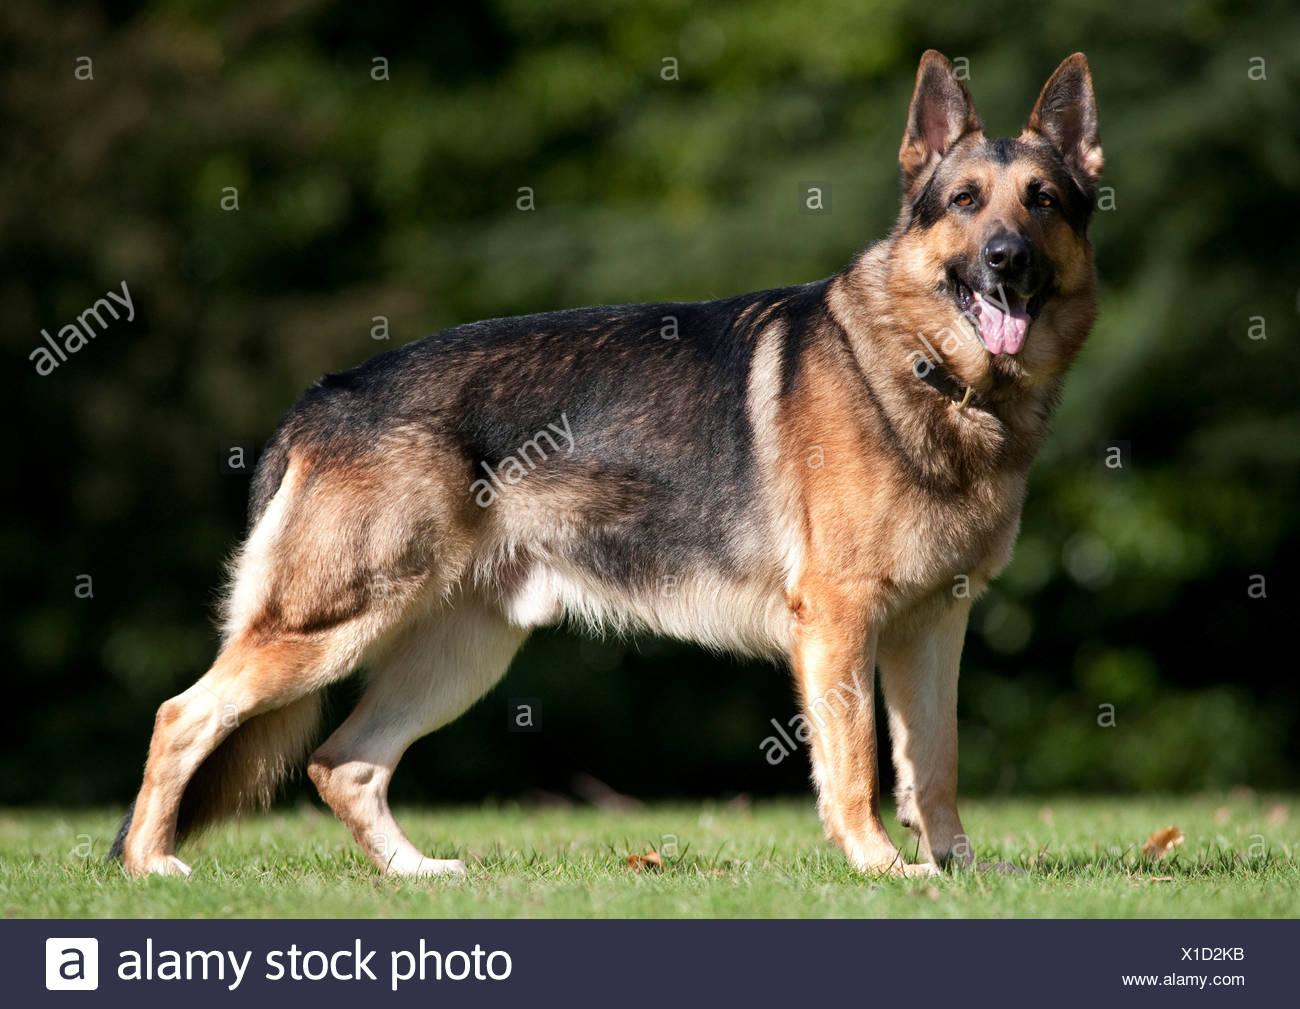 German Shepherd Dog Alsatian Standing in park UK - Stock Image